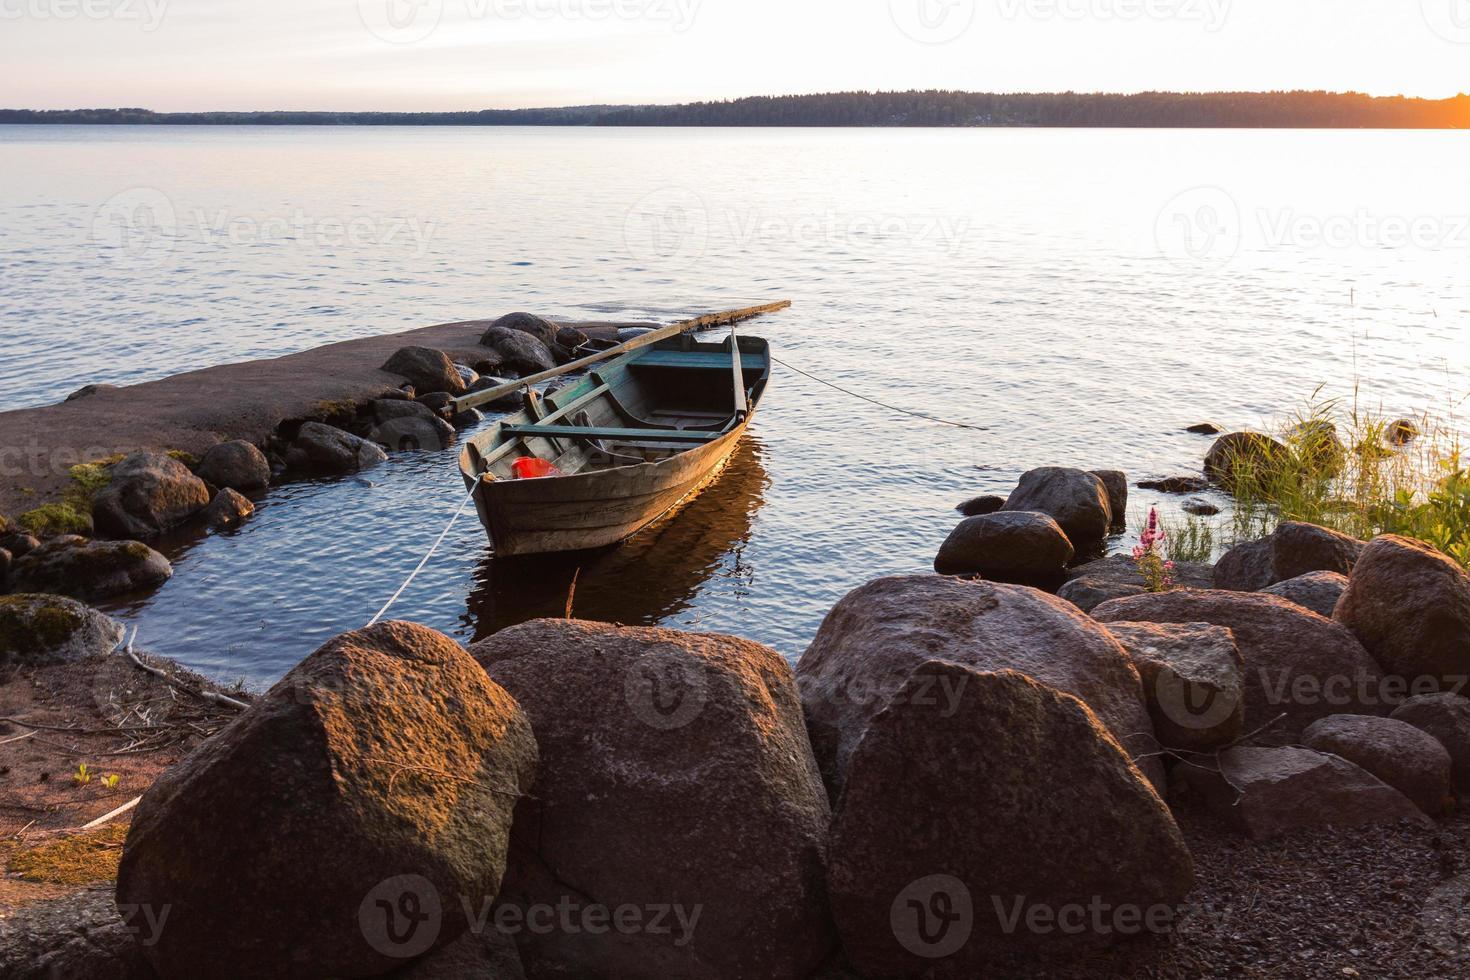 Das Boot wurde bei Sonnenuntergang an der Seite beleuchtet foto